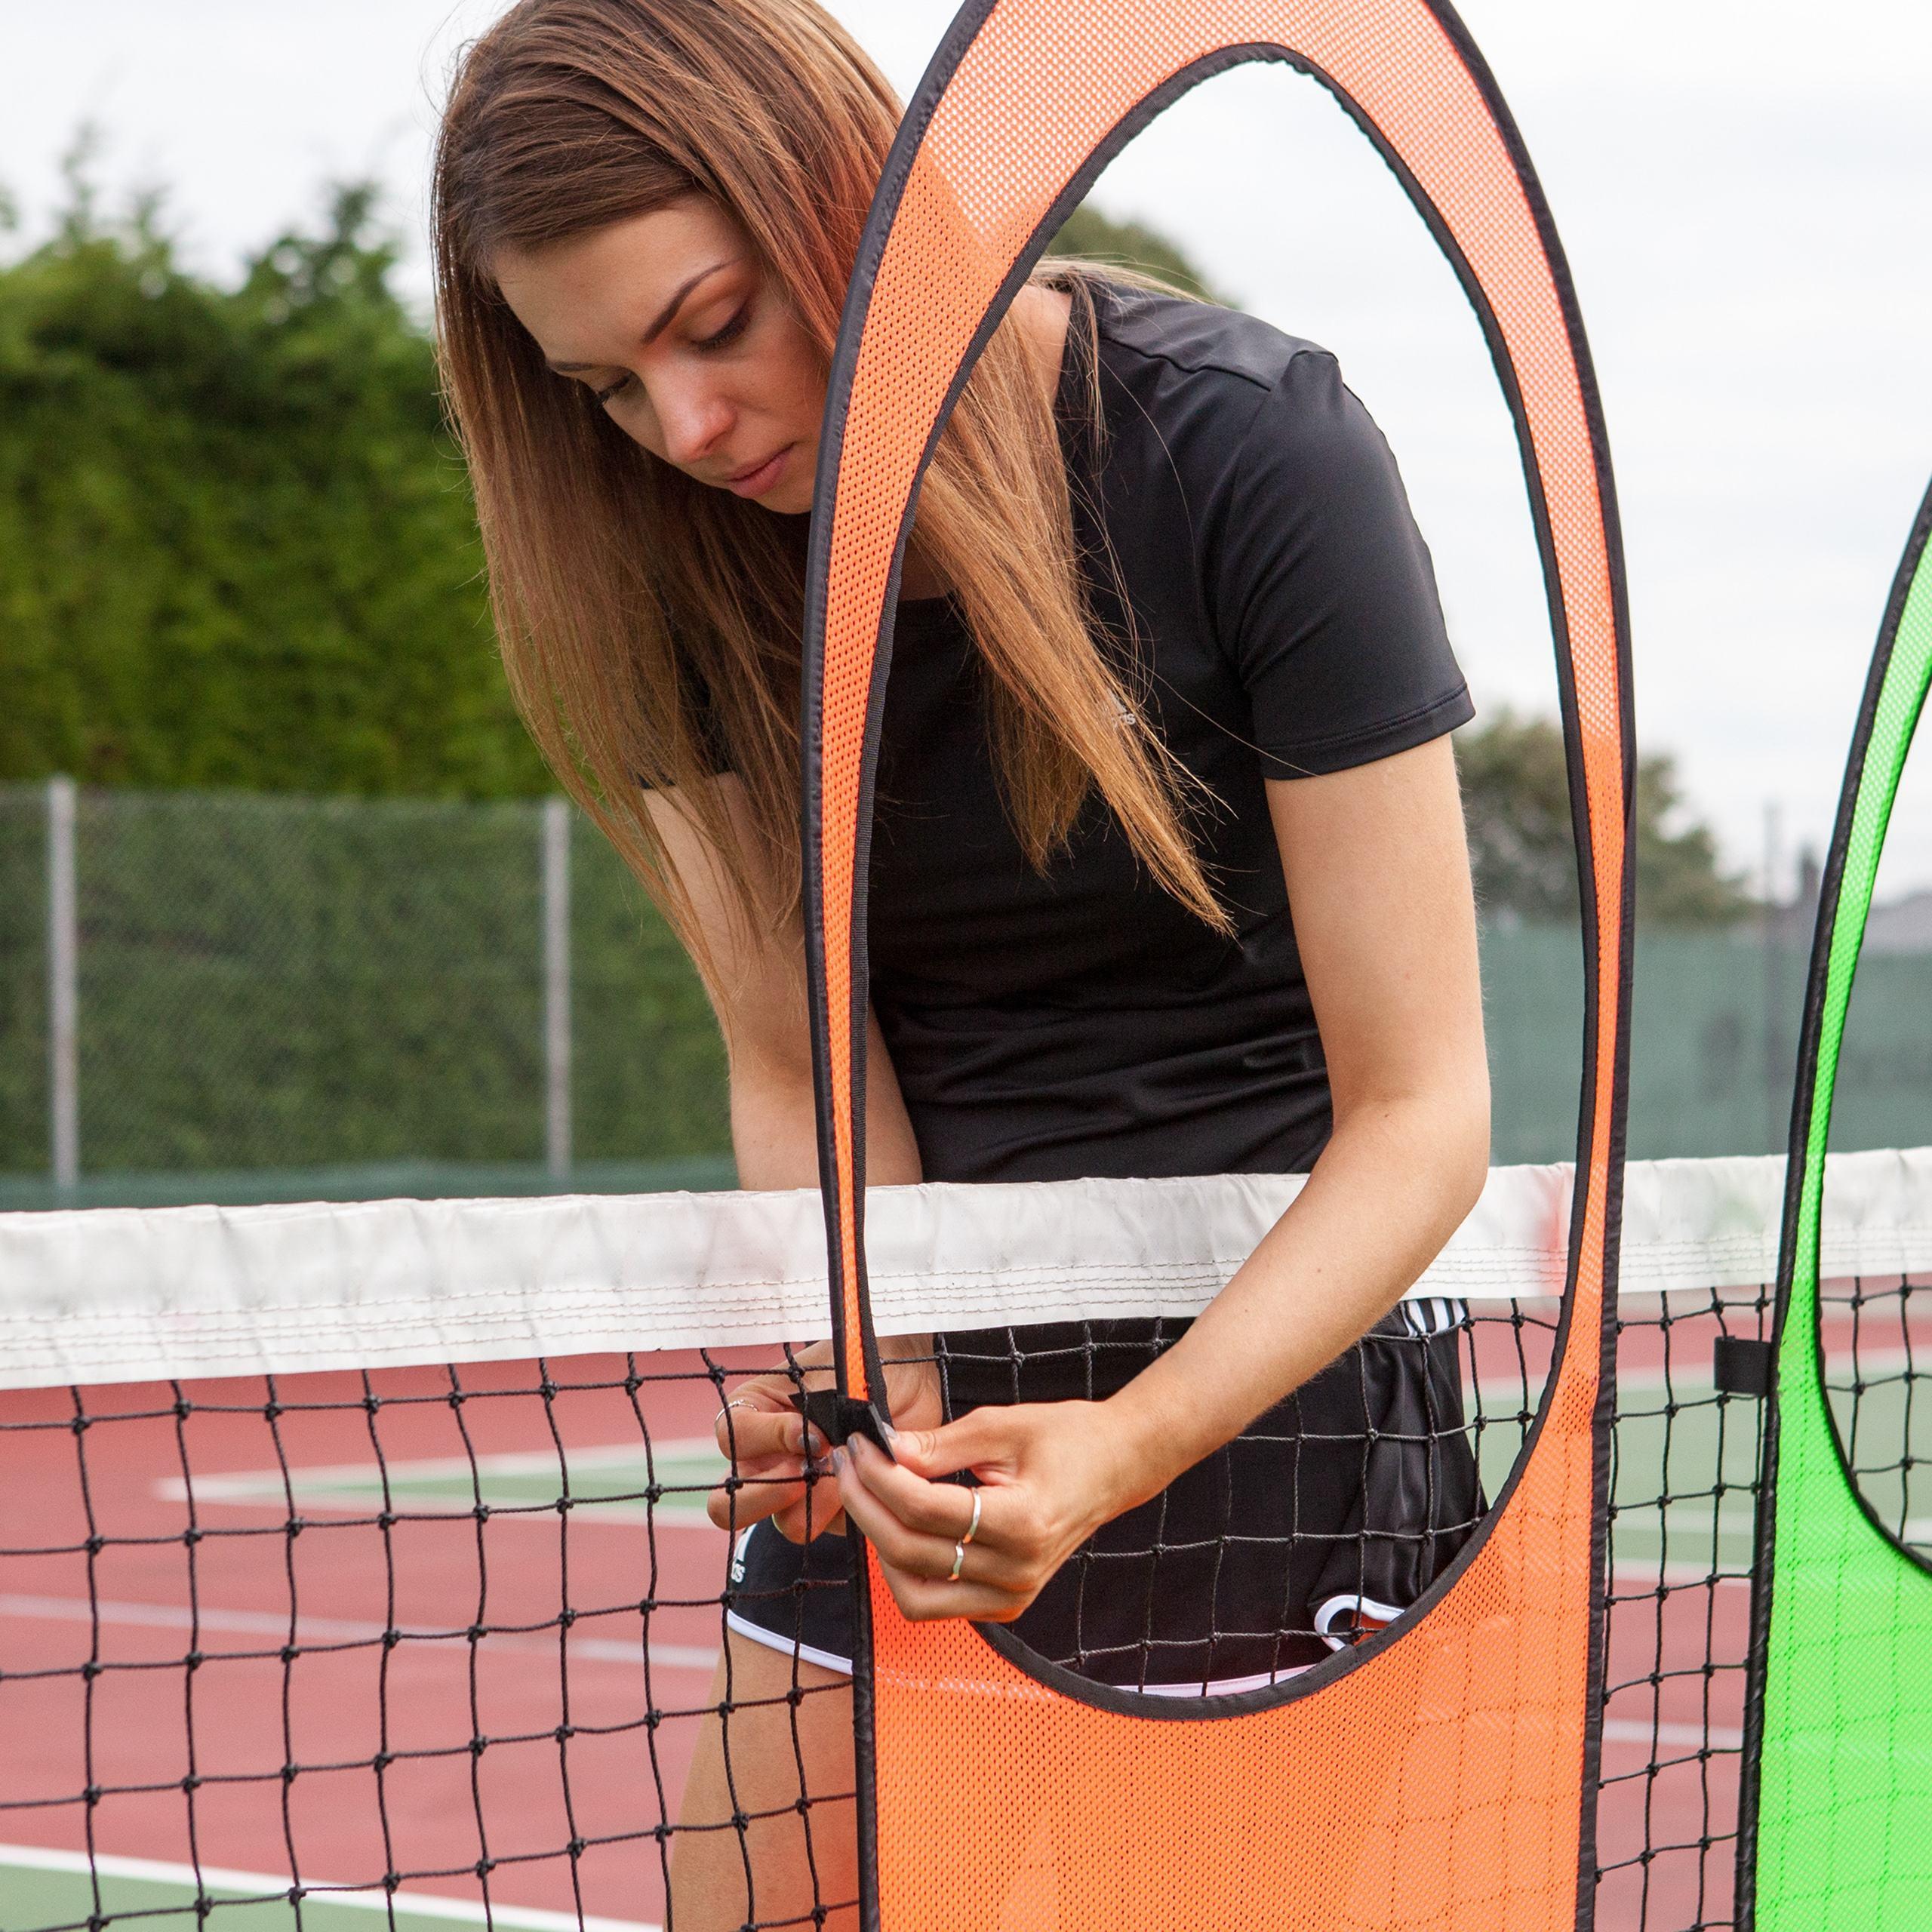 Tennis Net Target Attachments